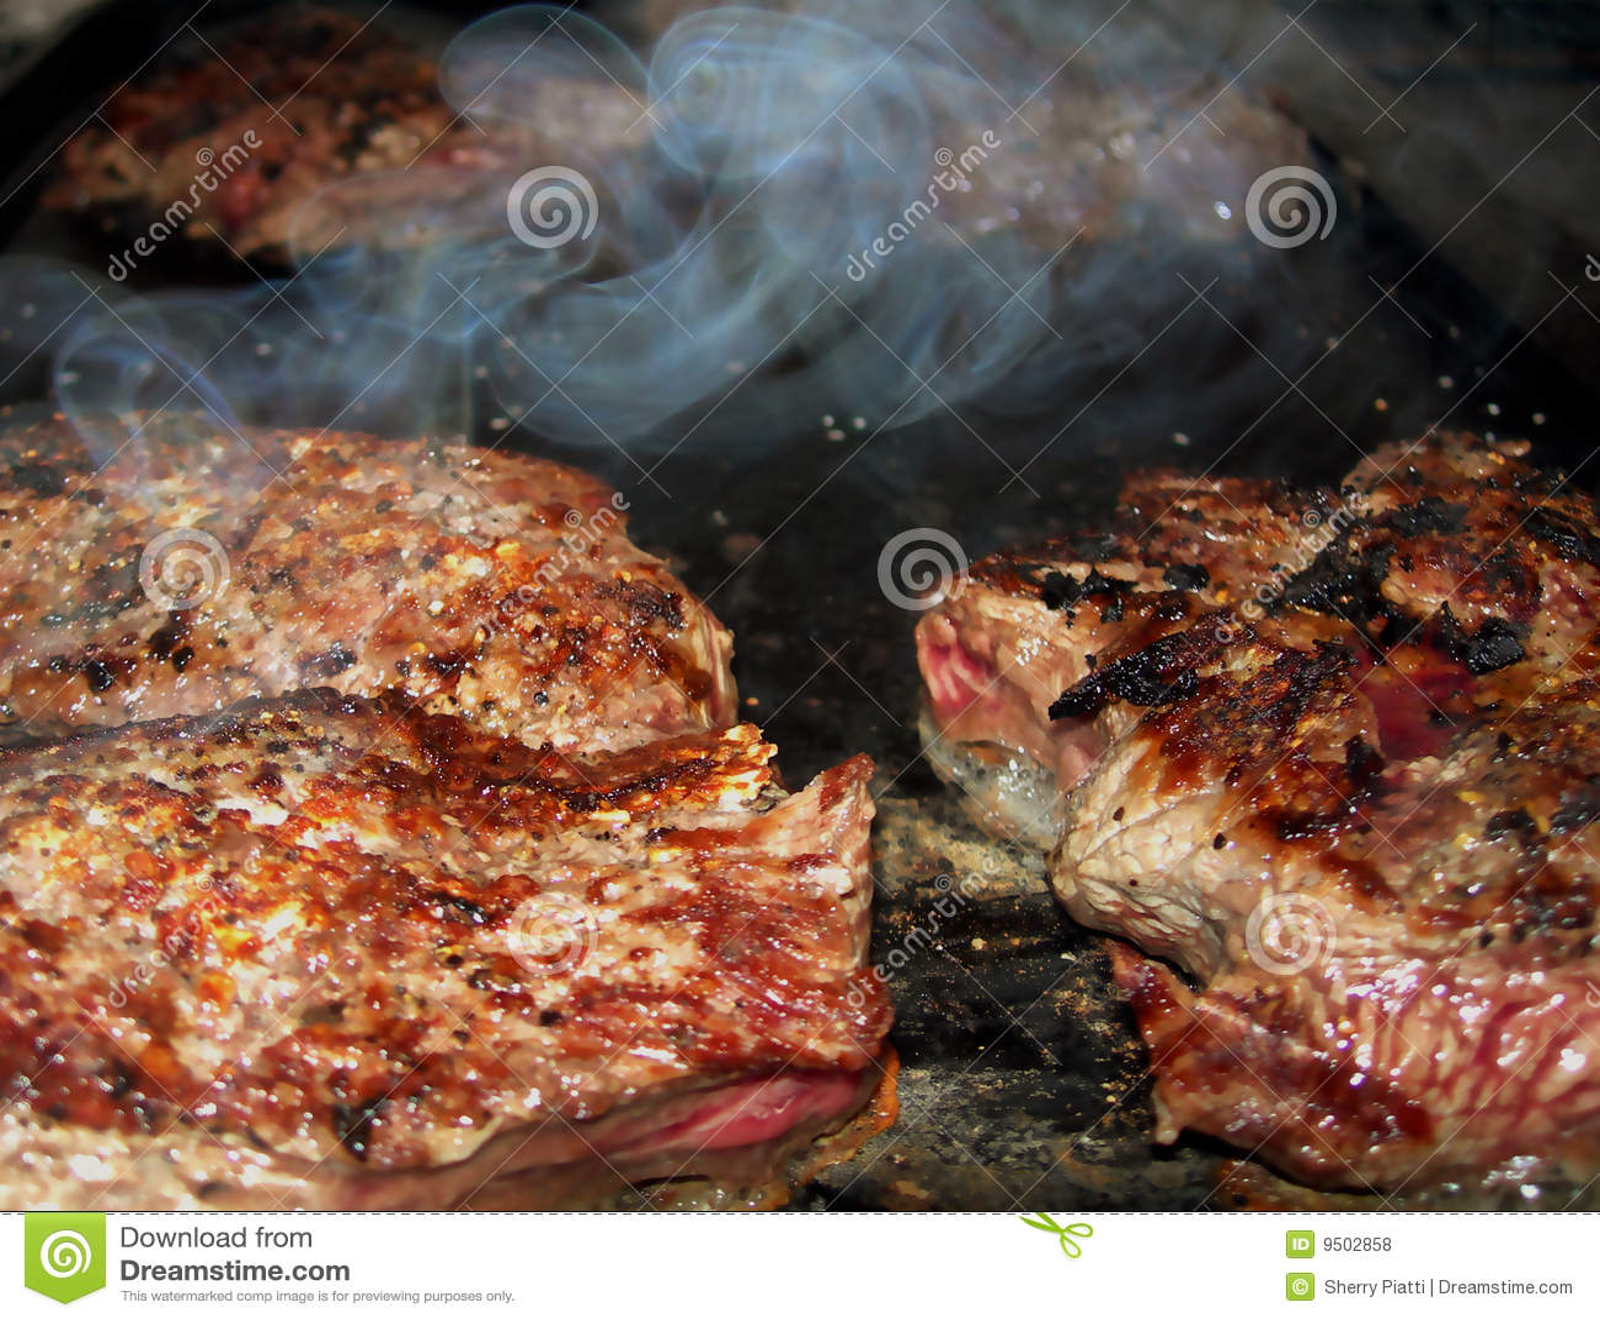 Smokey Grill Barbecue